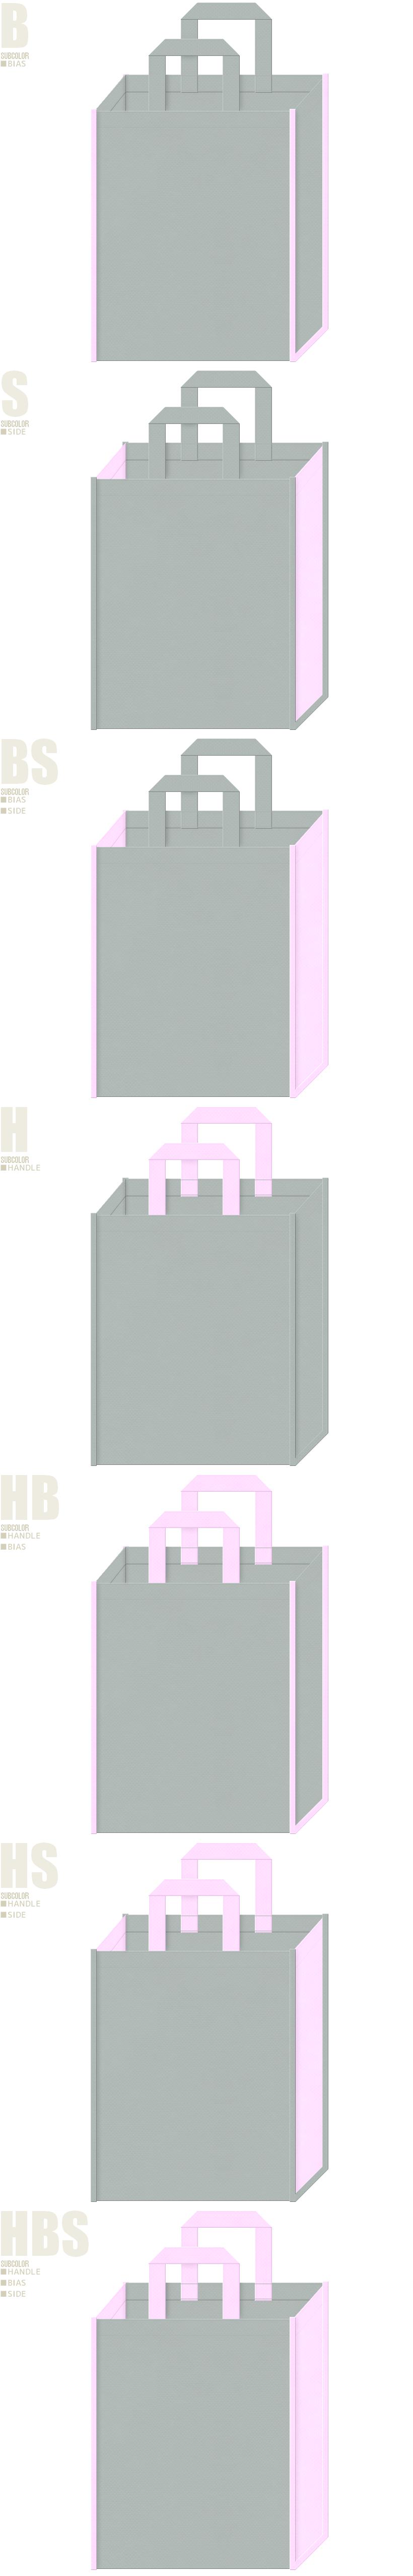 スニーカー・事務服・ワーキングウェアの展示会用バッグにお奨めの不織布バッグデザイン:グレー色と明るいピンク色の配色7パターン